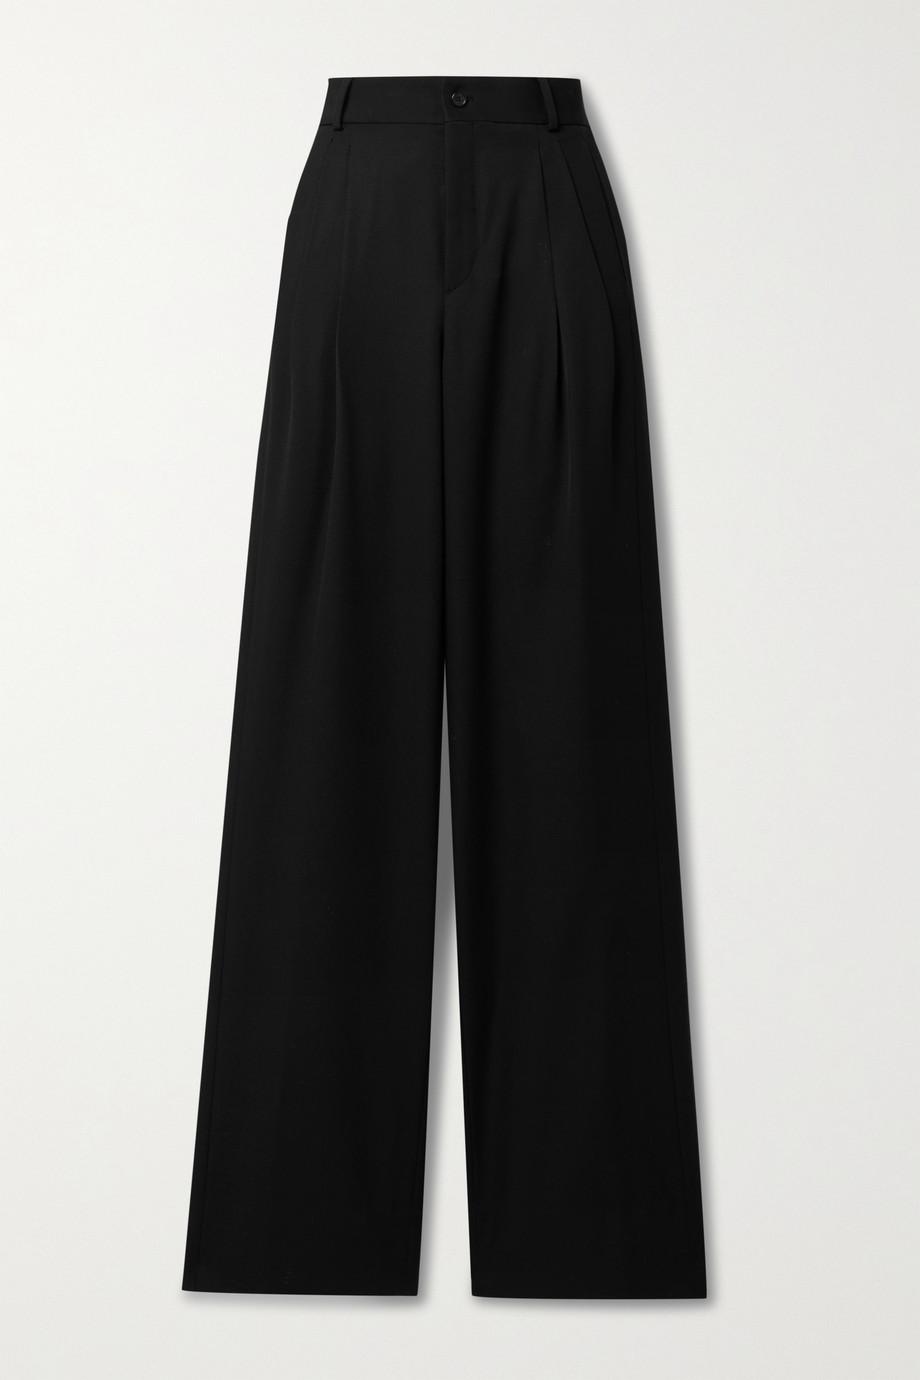 SAINT LAURENT Bundfaltenhose mit weitem Bein aus Grain de Poudre aus Wolle